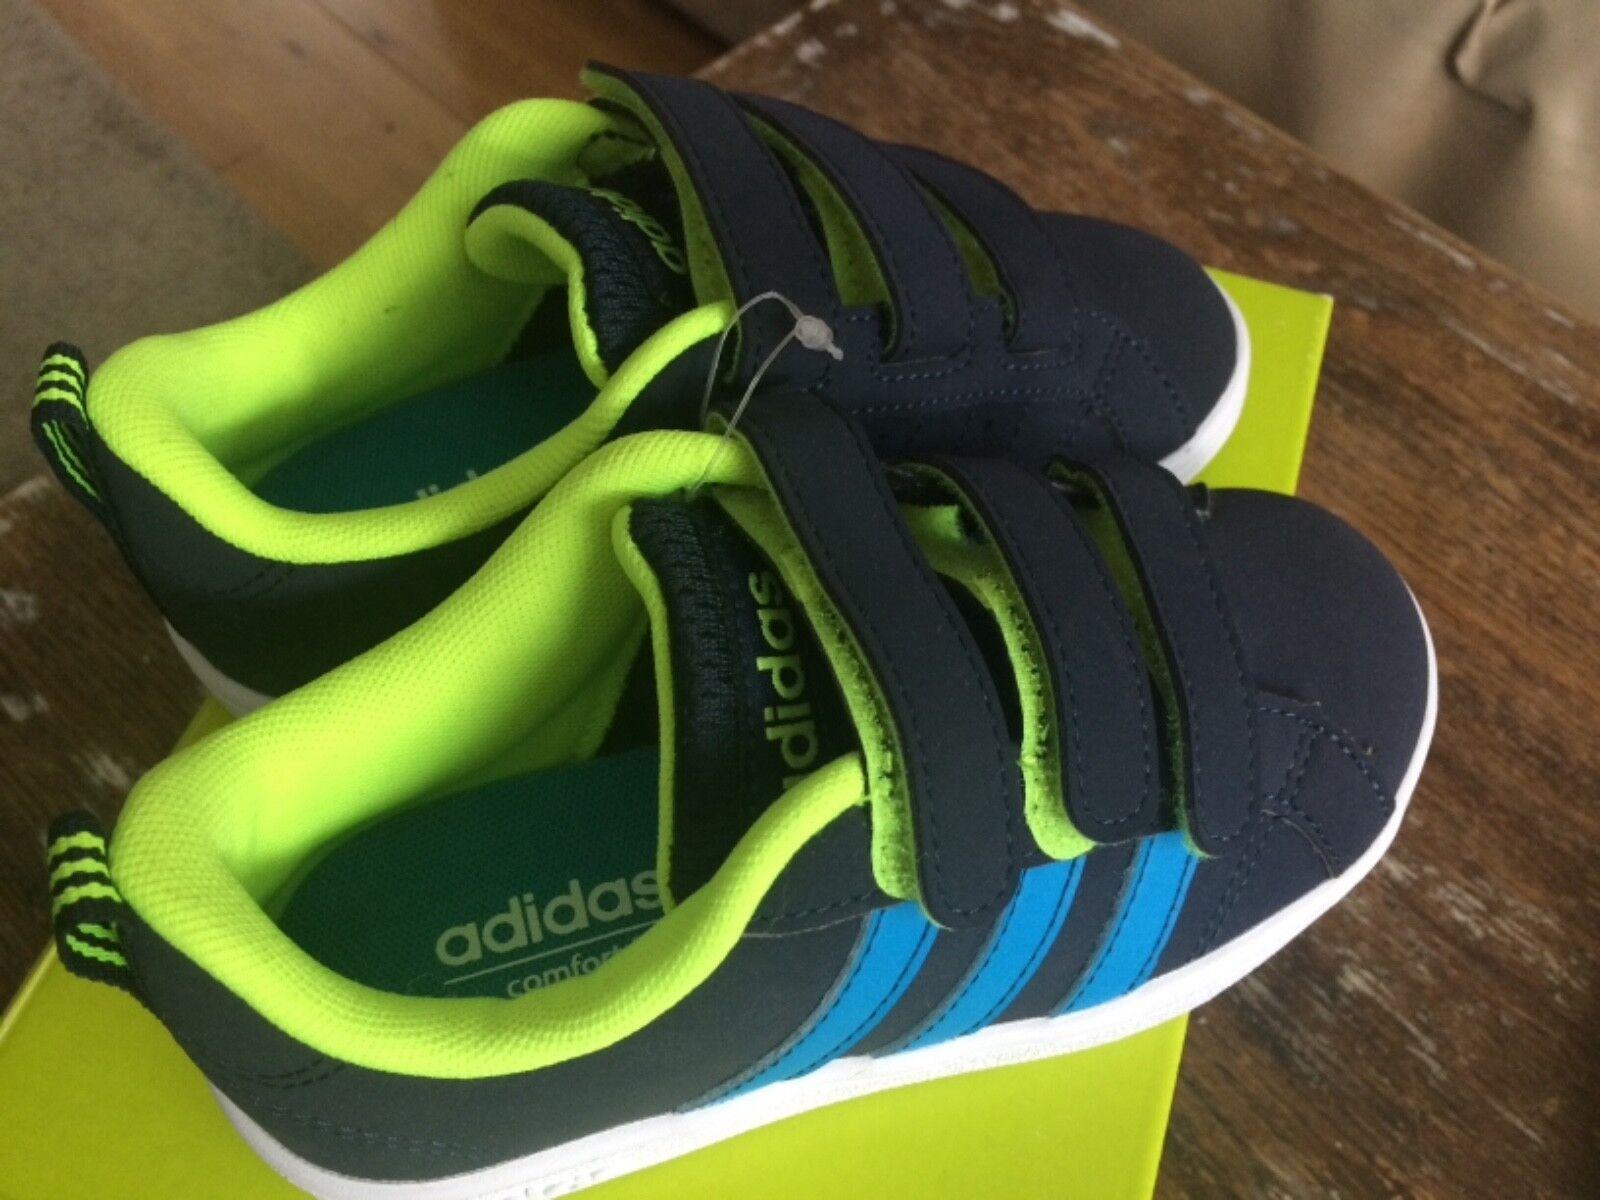 Adidas Adidas Adidas neo vantaggio scamosciato formatori scorpe bambino | una vasta gamma di prodotti  8ec4fe